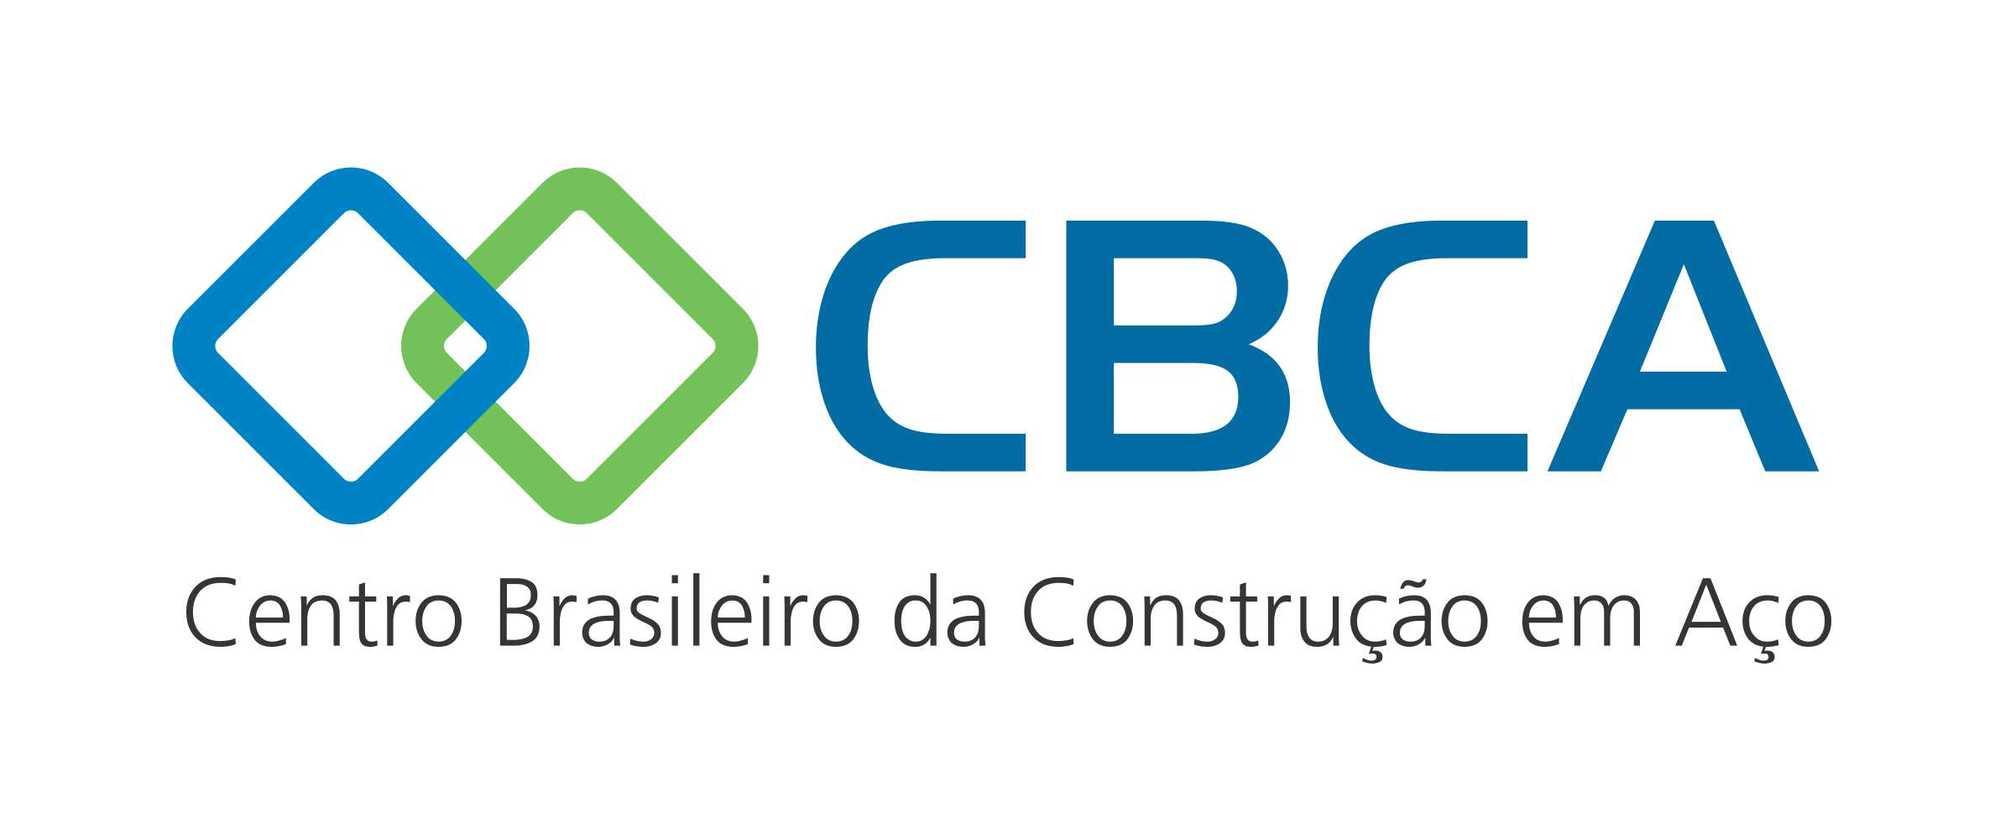 Centro Brasileiro da Construção em Aço alunos